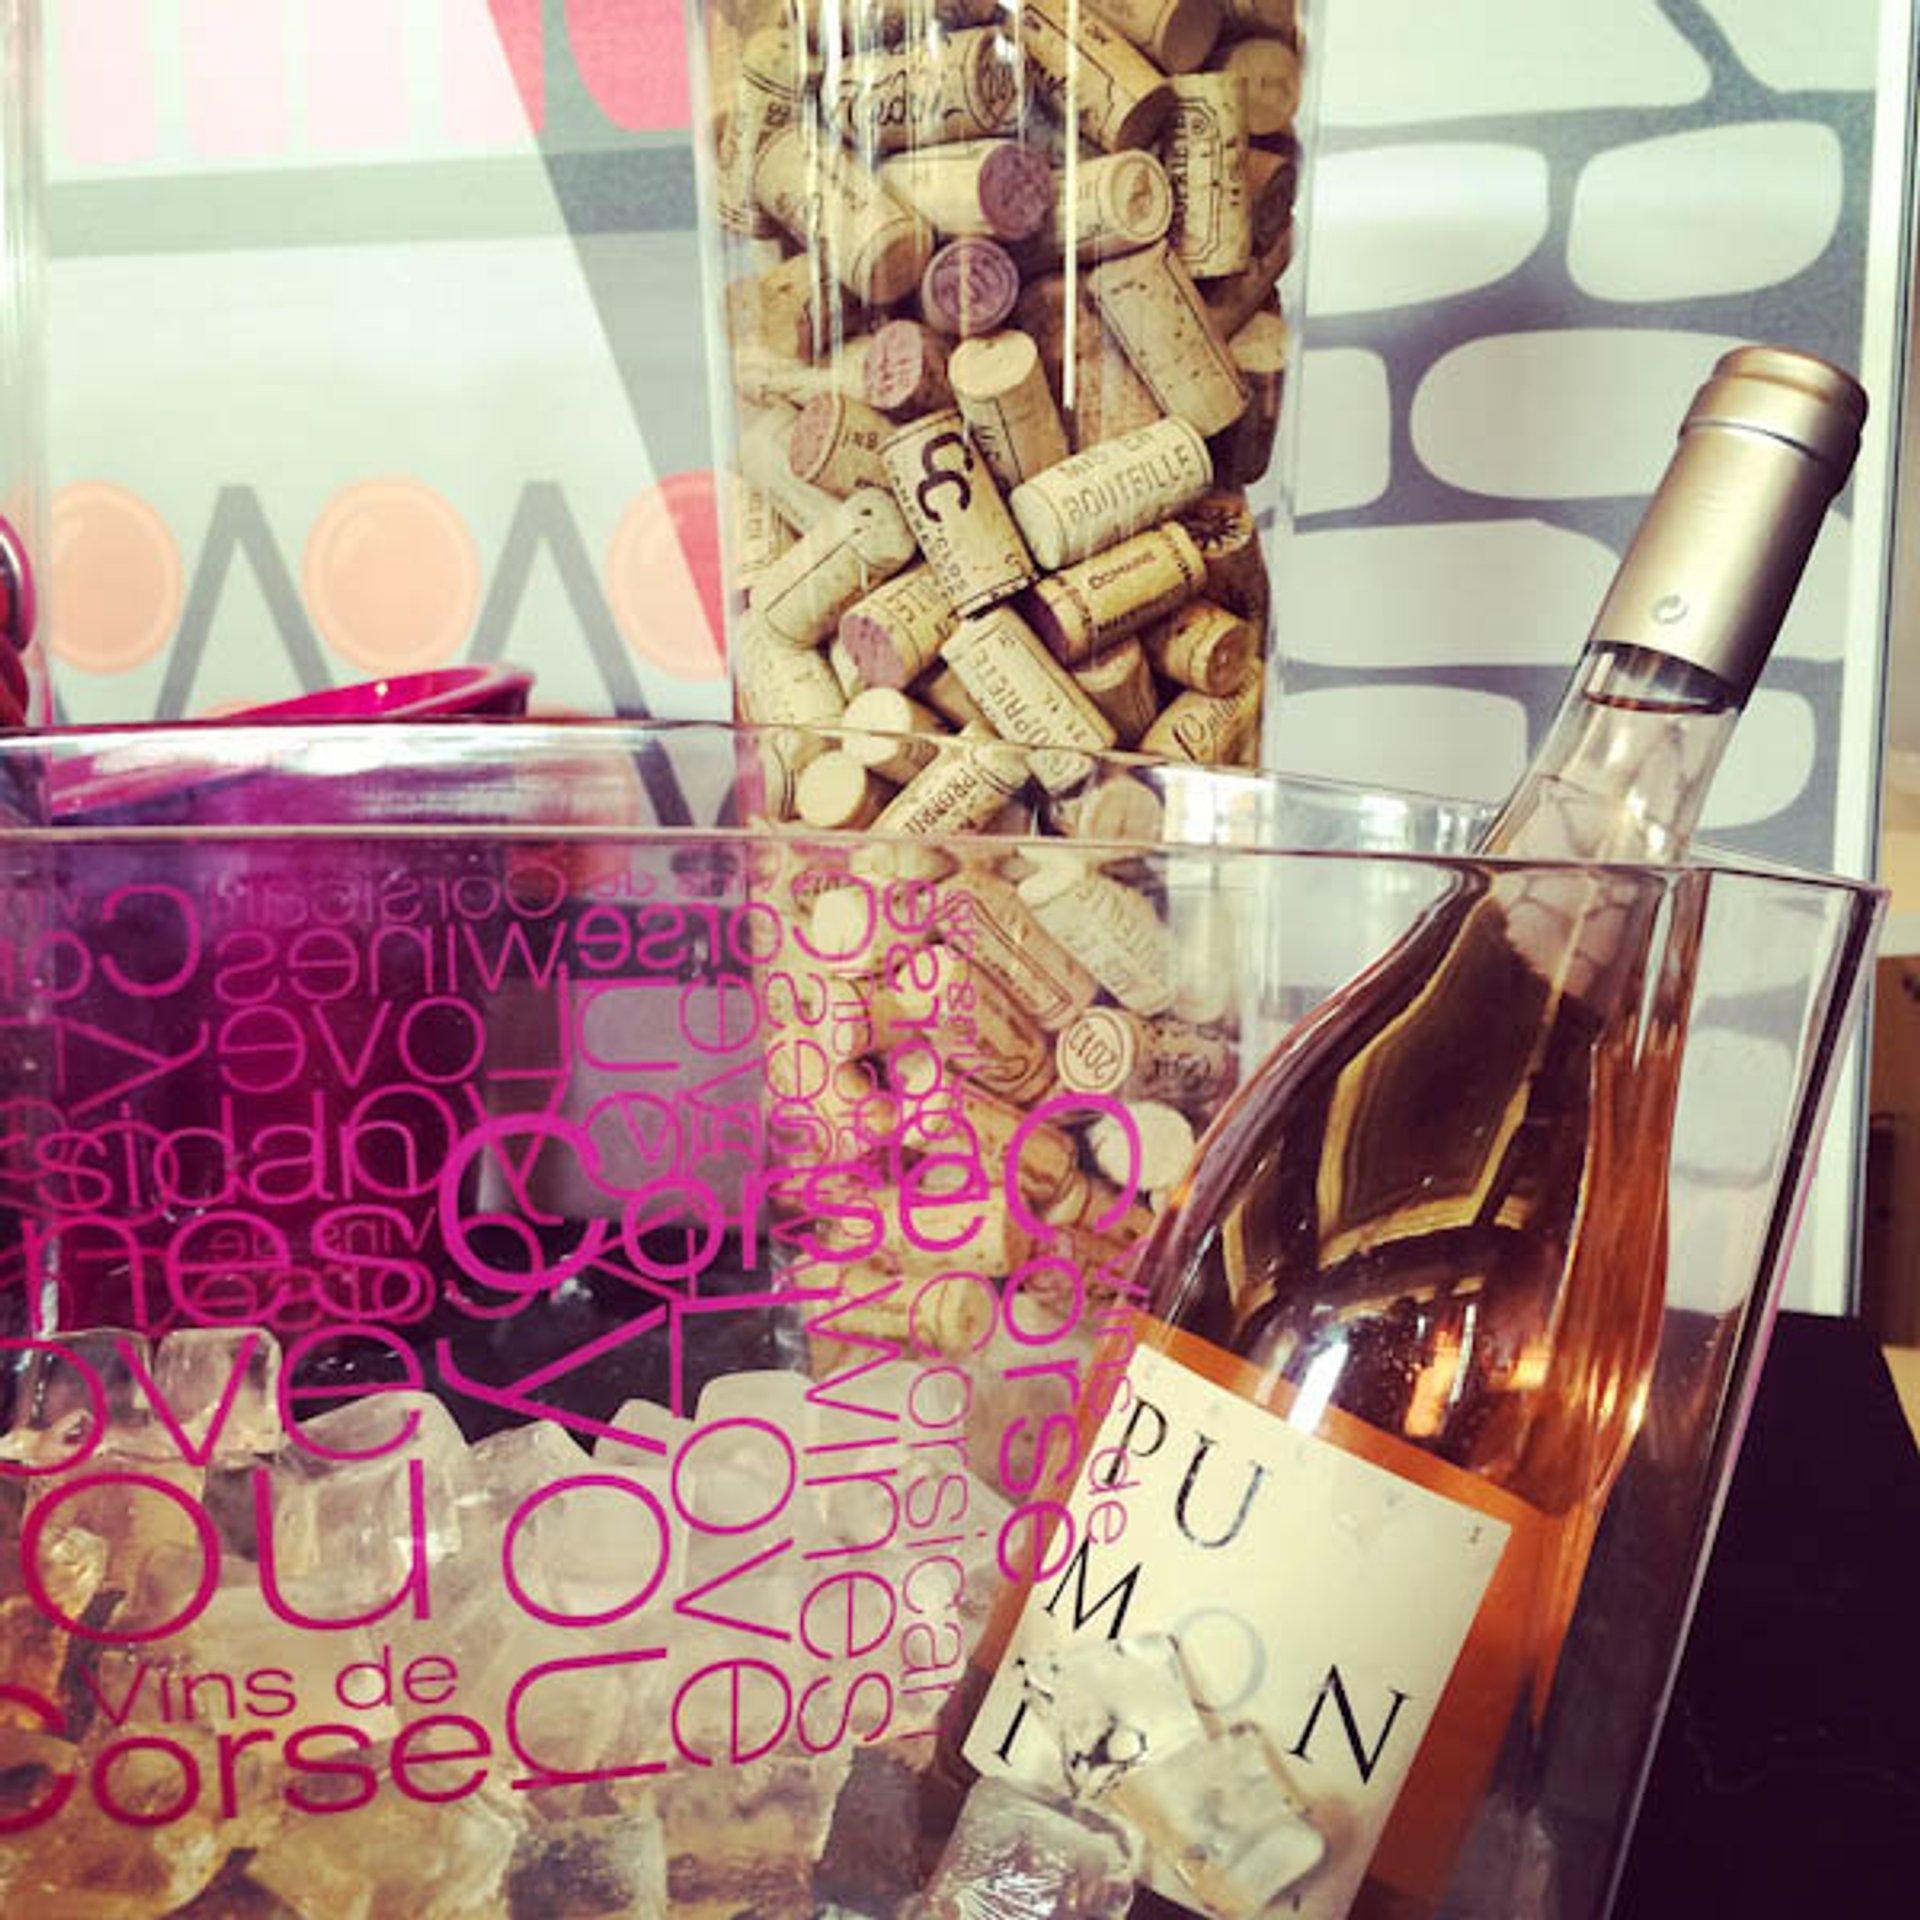 Festival of Corsican Wine or Fiera di u Vinu in Corsica 2020 - Best Time